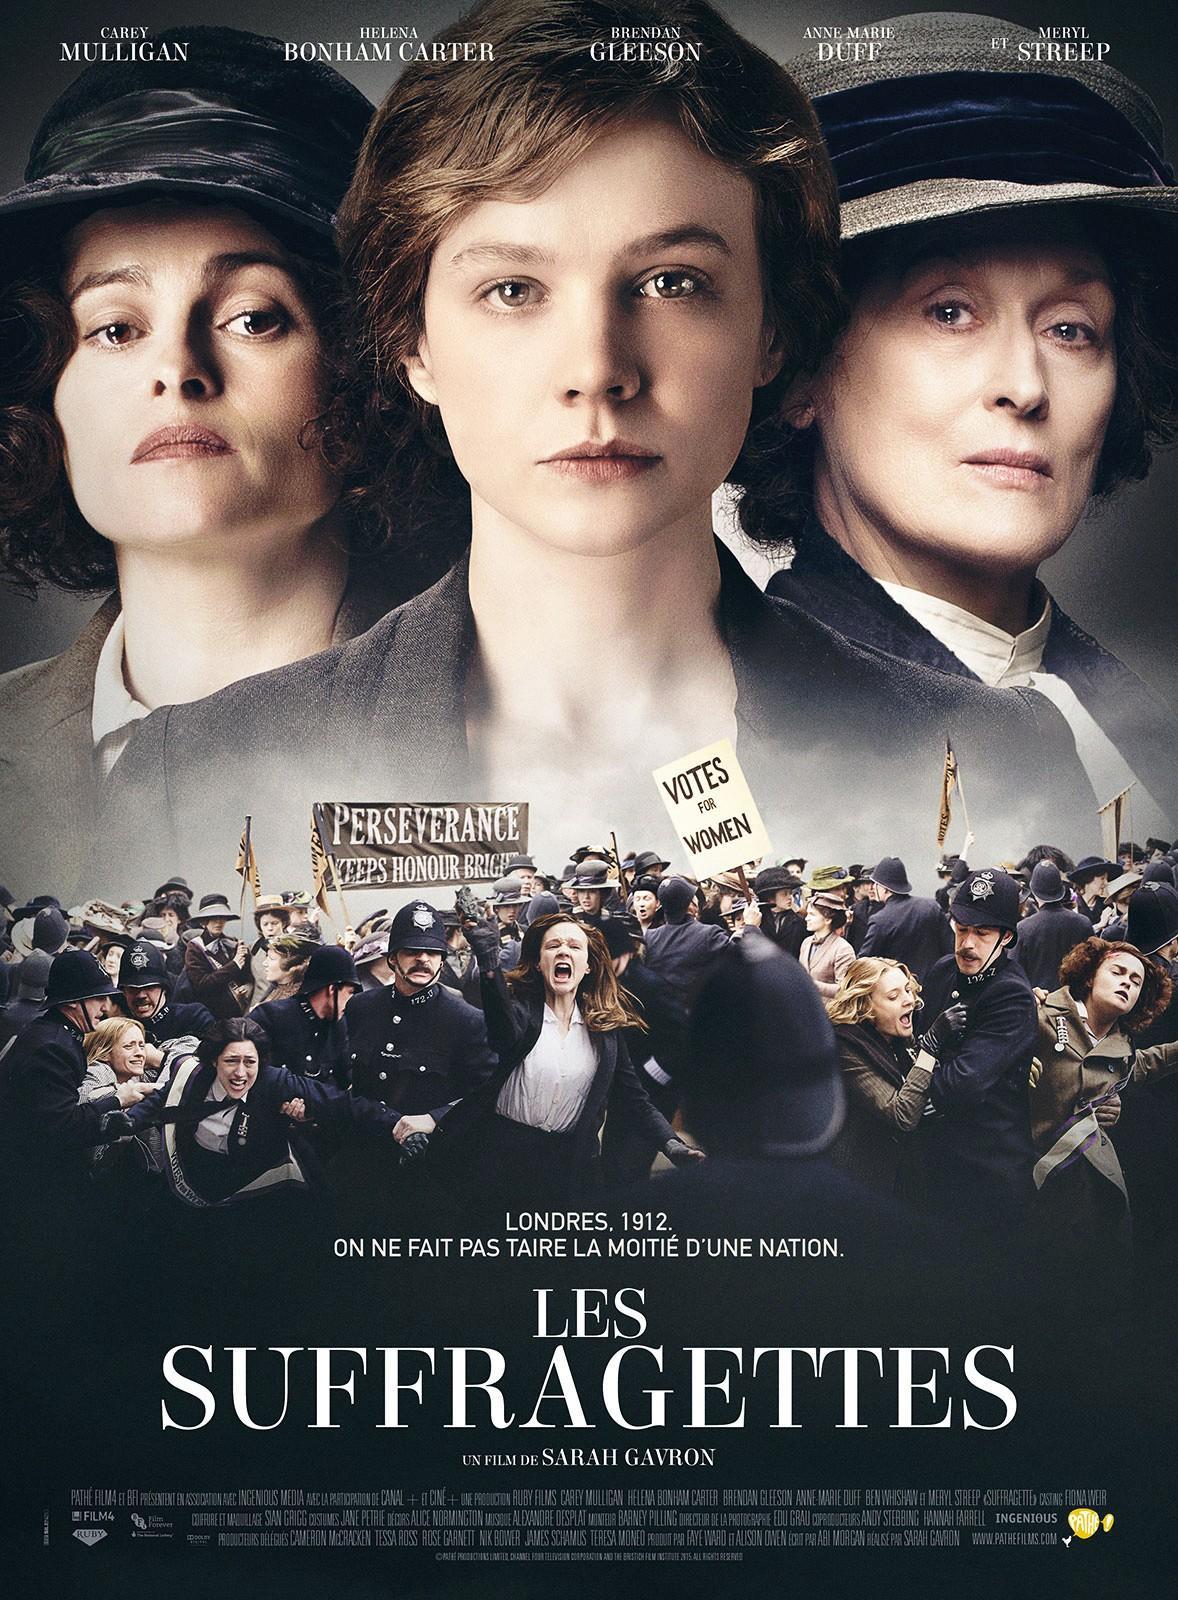 Sarah Gavron, Les Suffragettes, 2015.